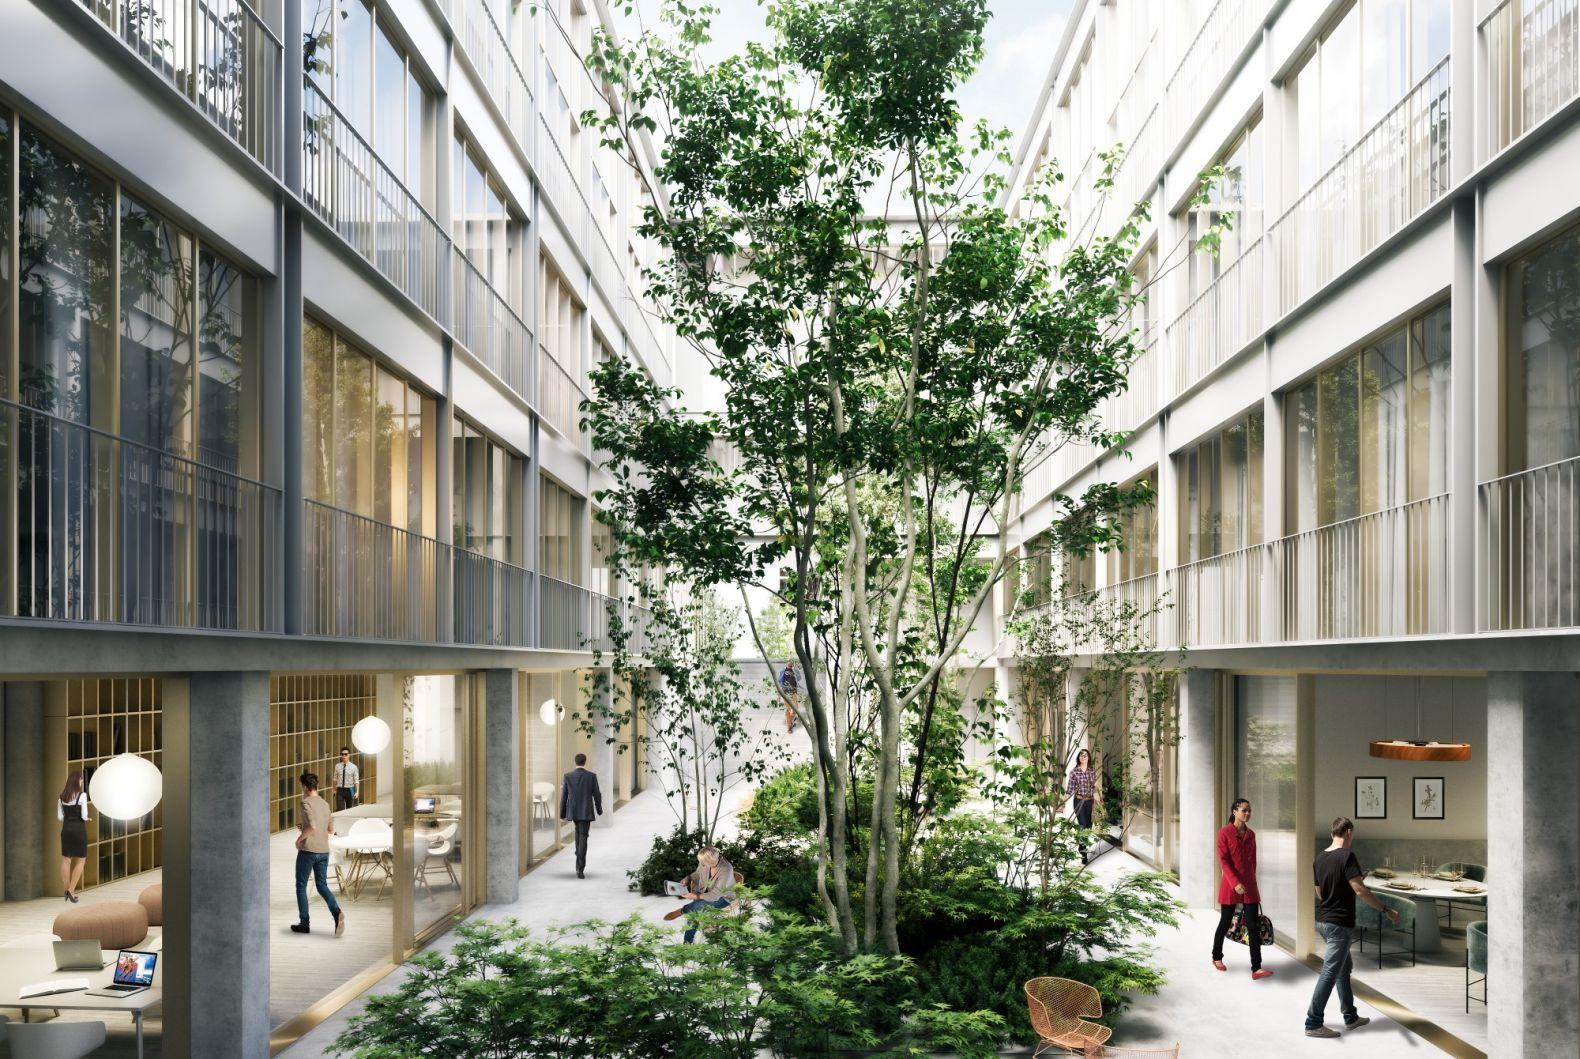 Imprimerie De L Ouest Parisien transformation d'une imprimerie en hôtel • hardel le bihan